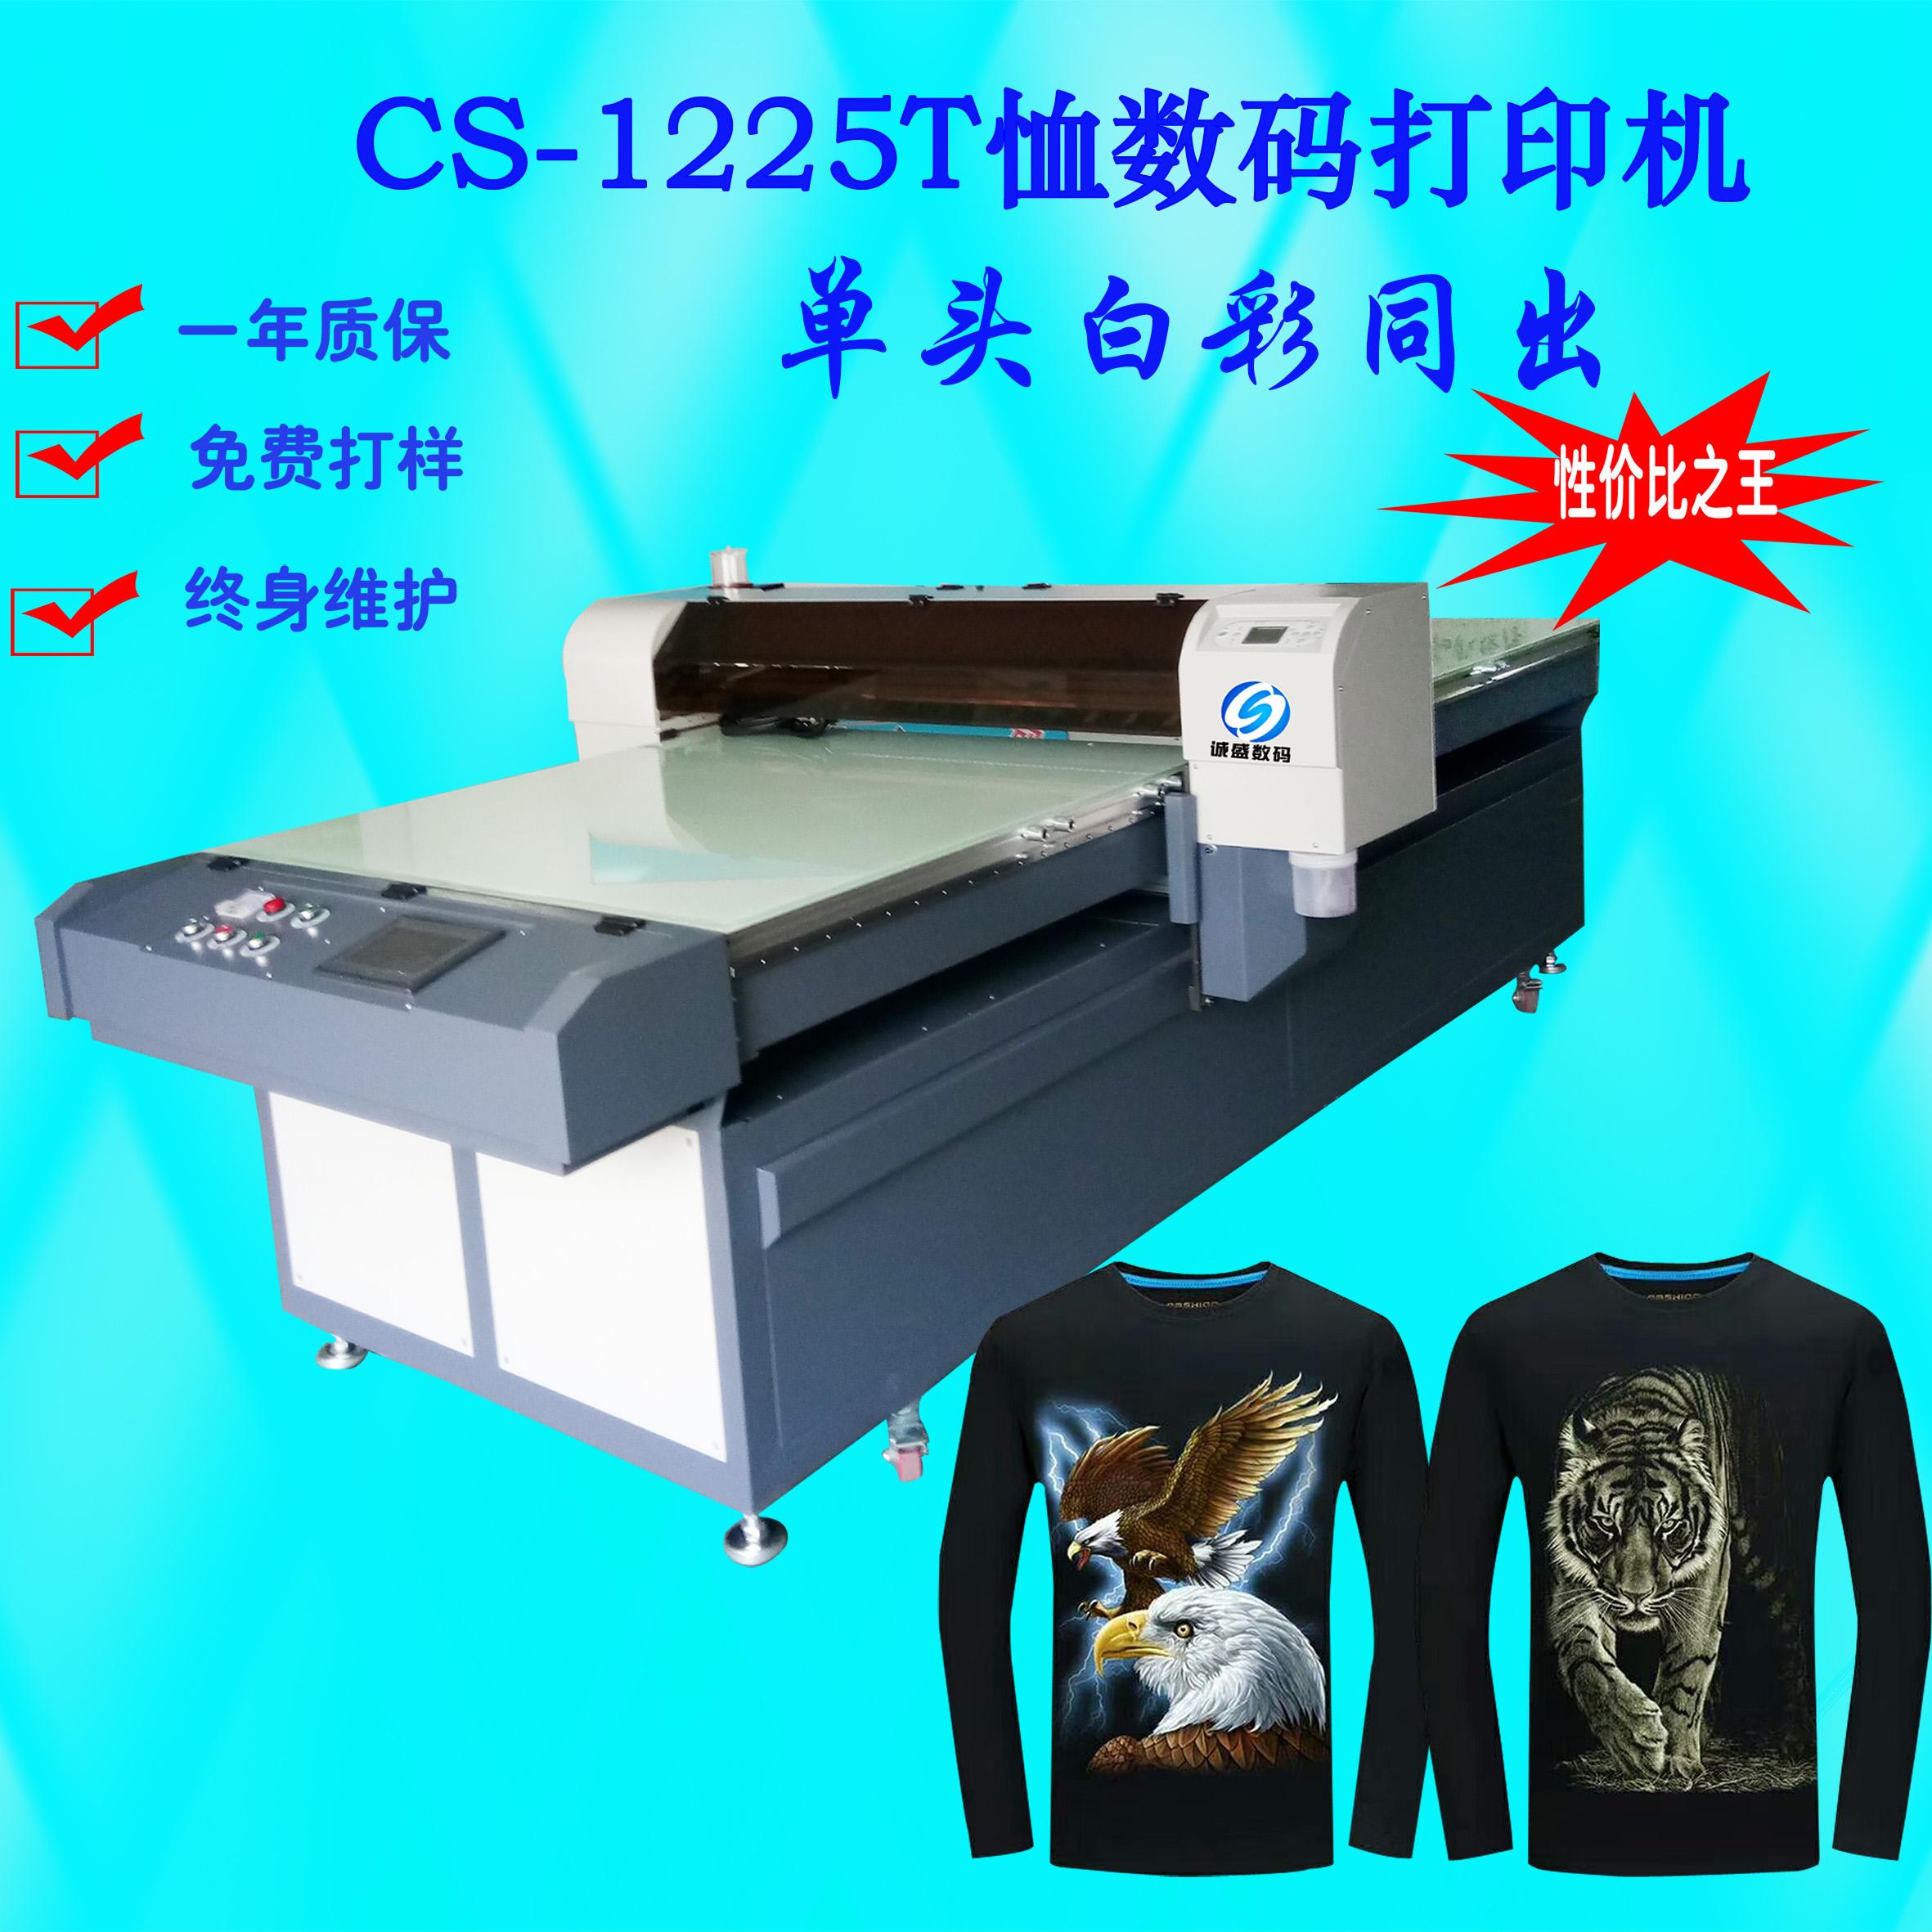 纺织全棉涤棉直喷印花机厂家直销卫衣真丝牛仔布打印机